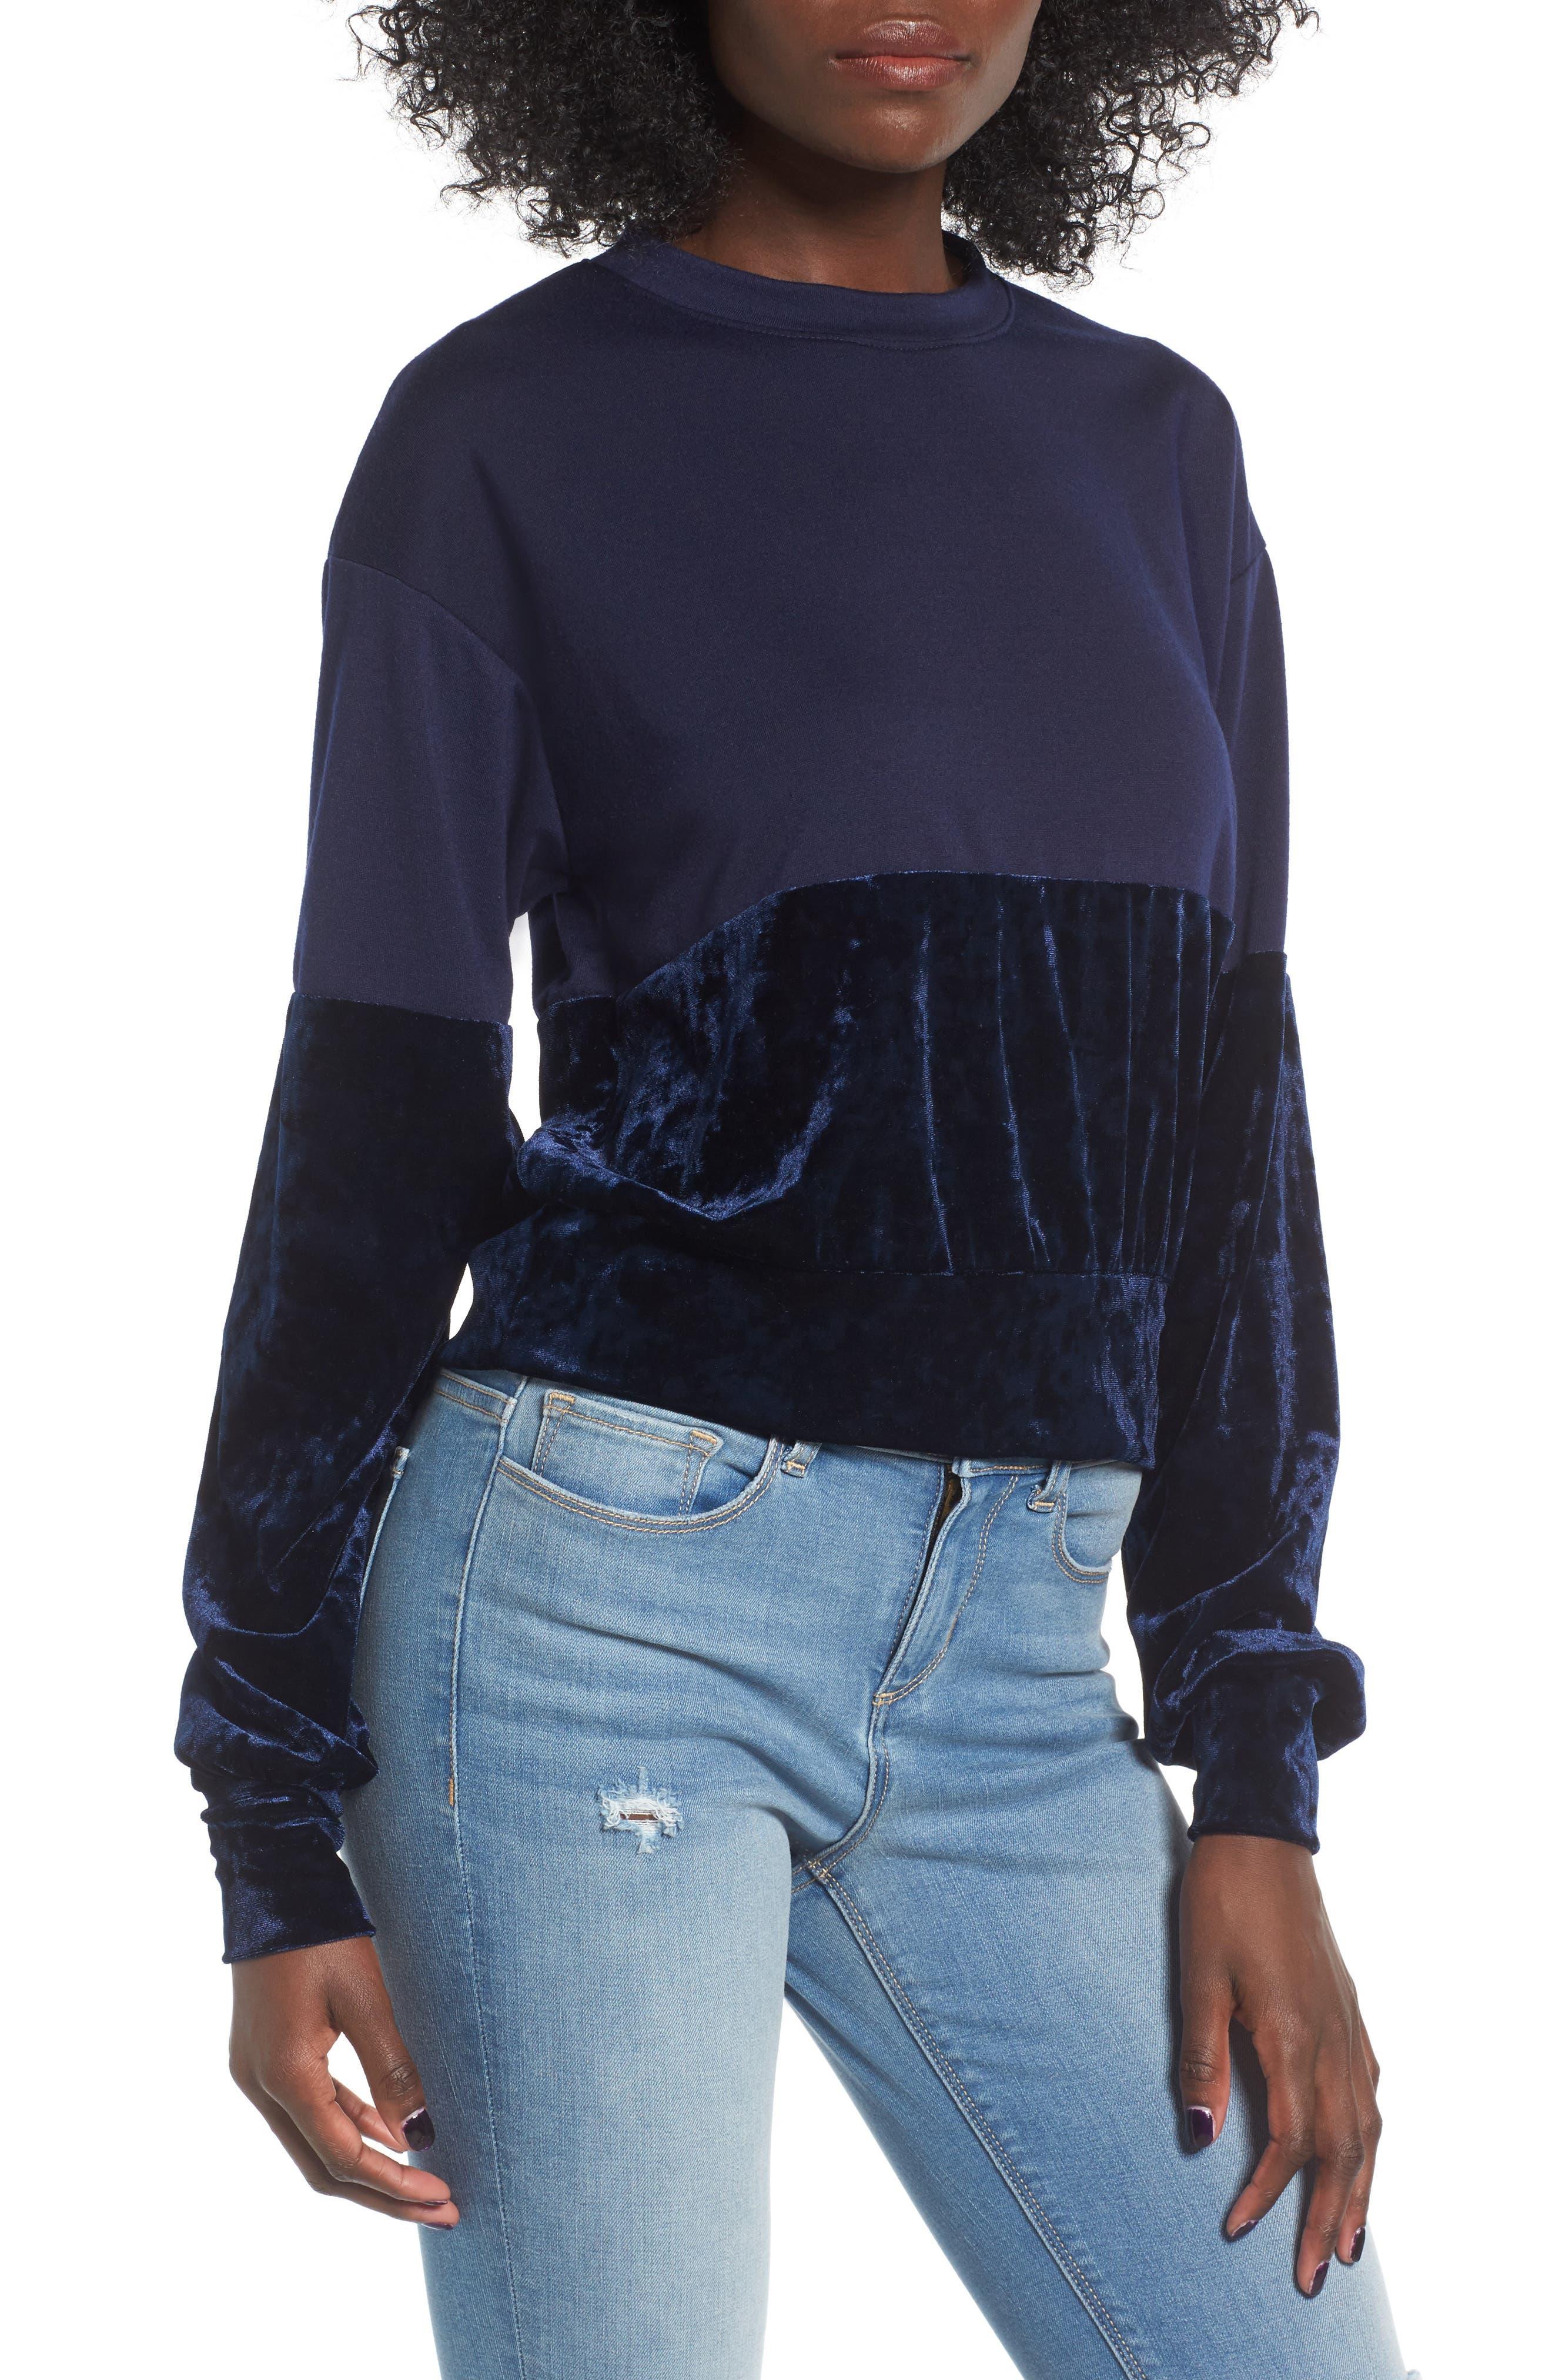 Chloe & Katie Velvet Remix Sweatshirt